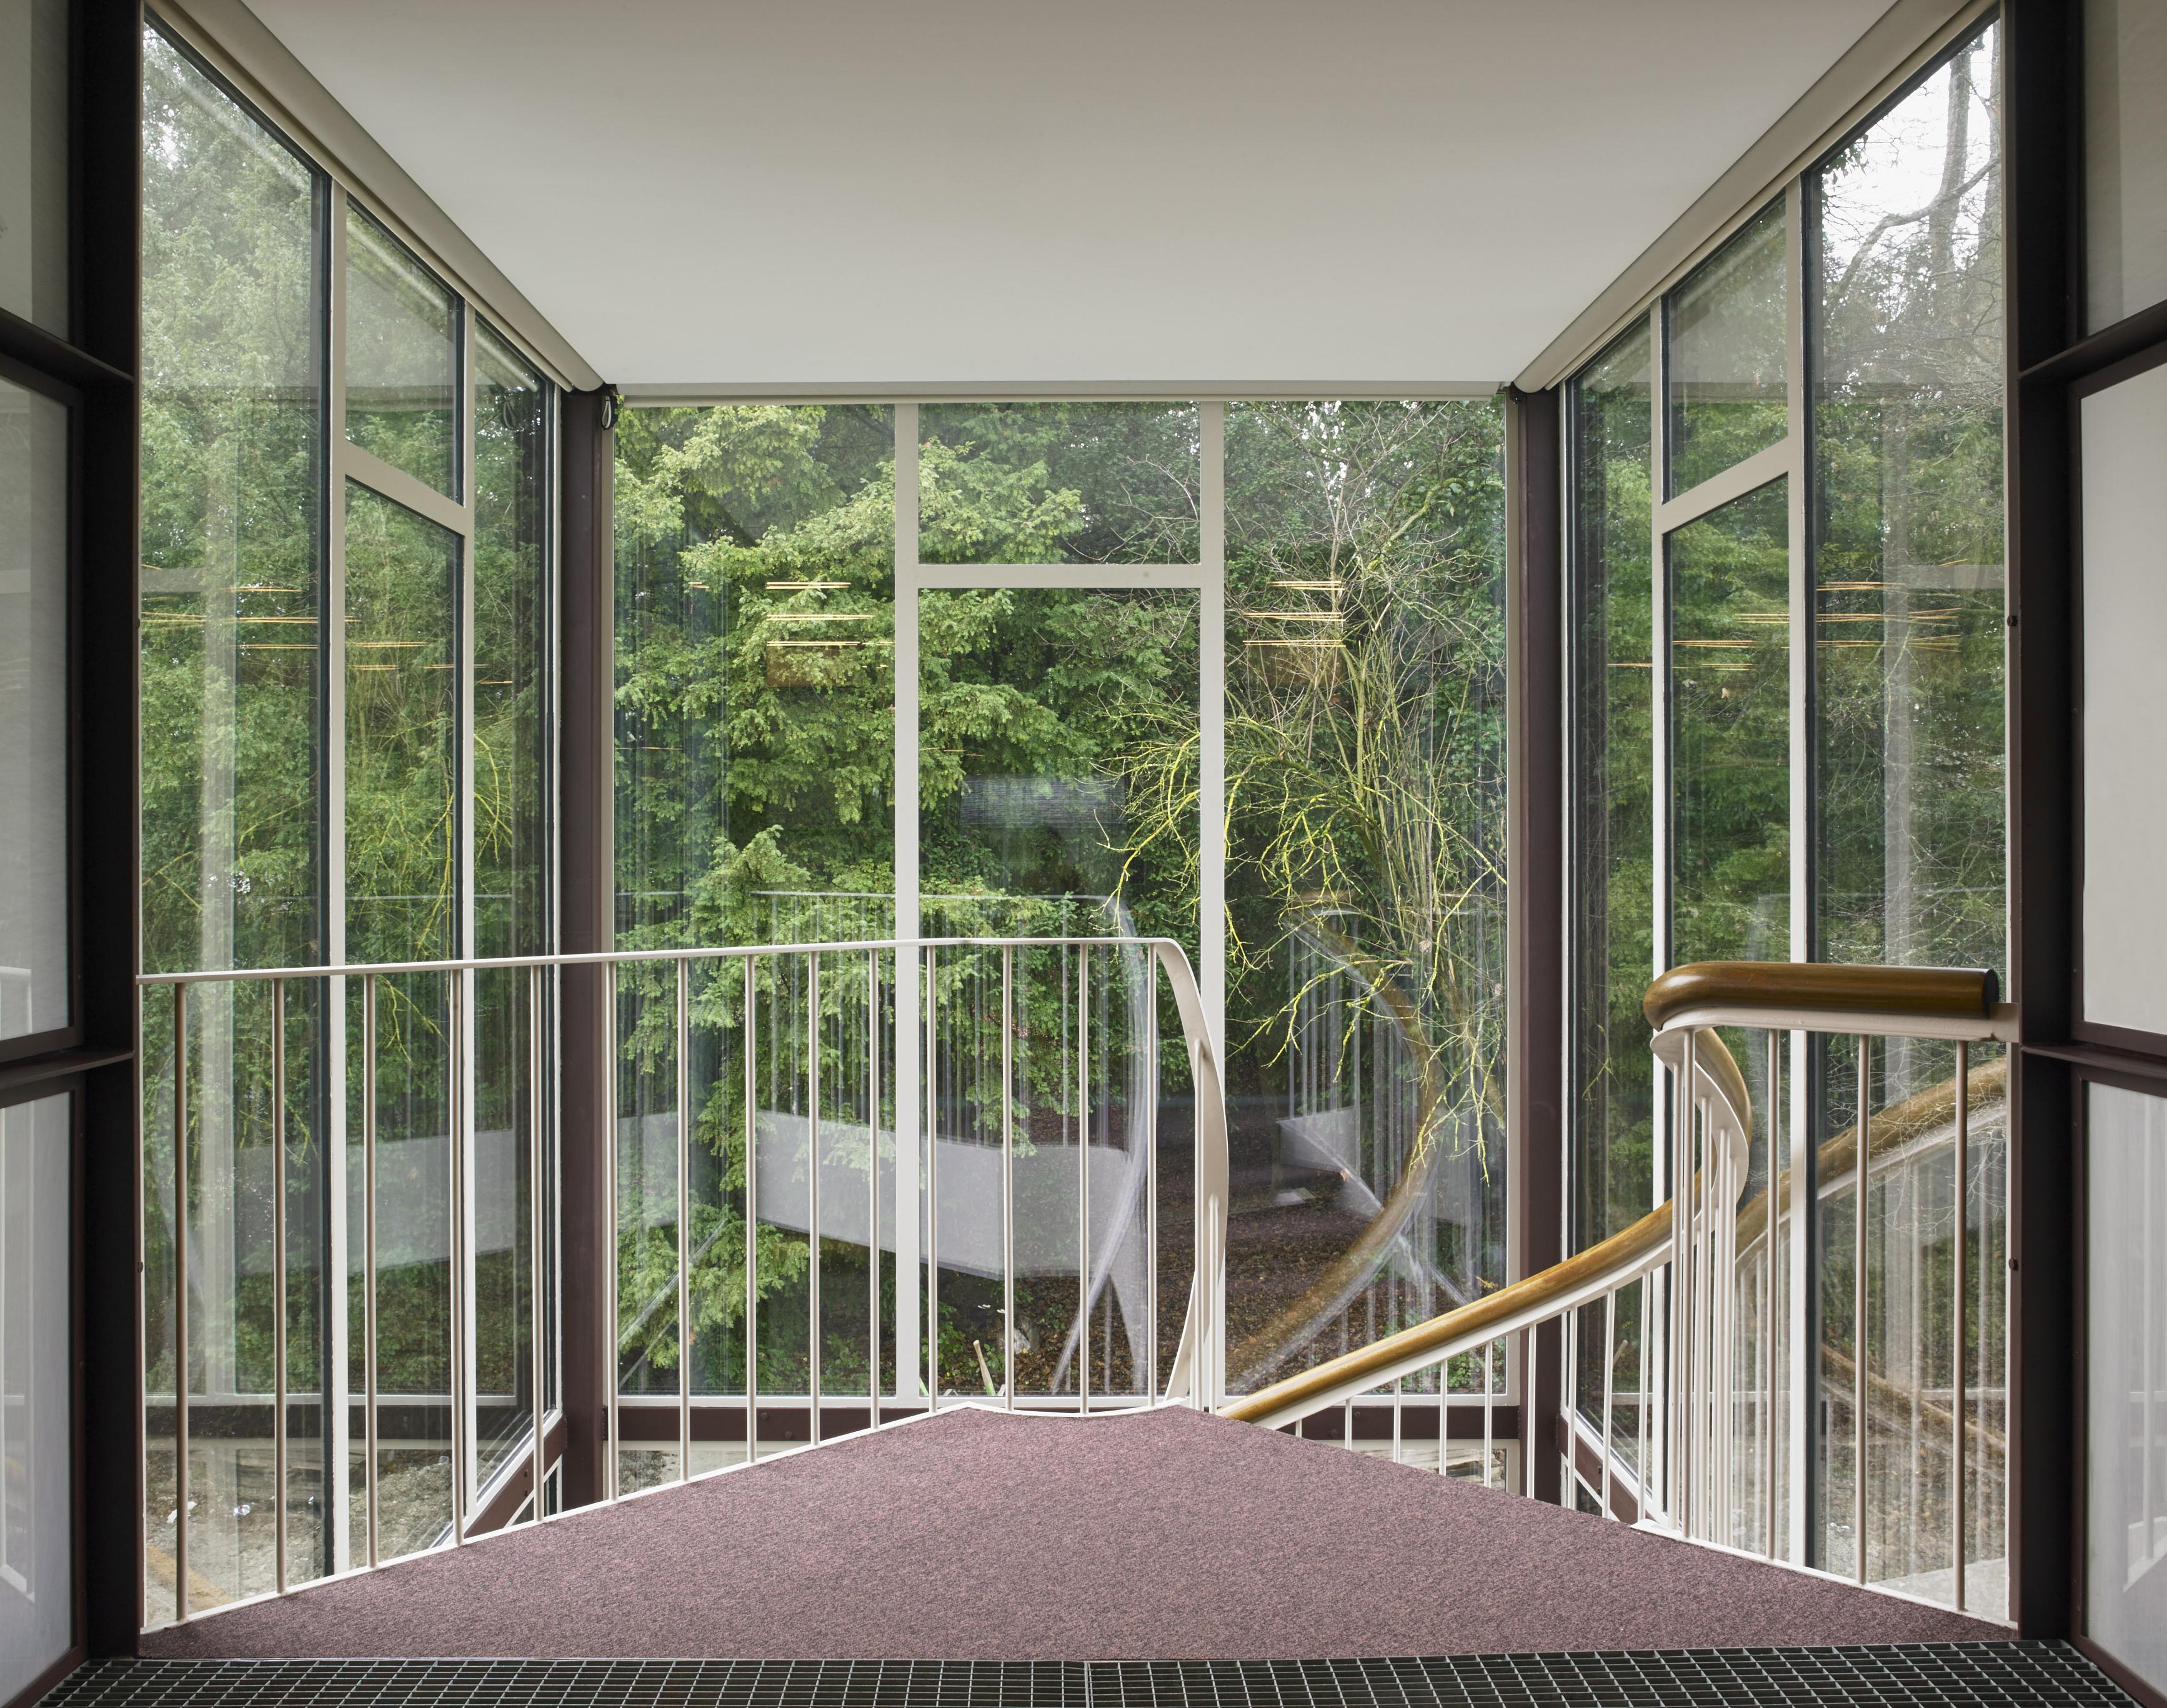 Le jardin botanique de gen ve retrouve sa perle le temps for Jardin botanique geneve